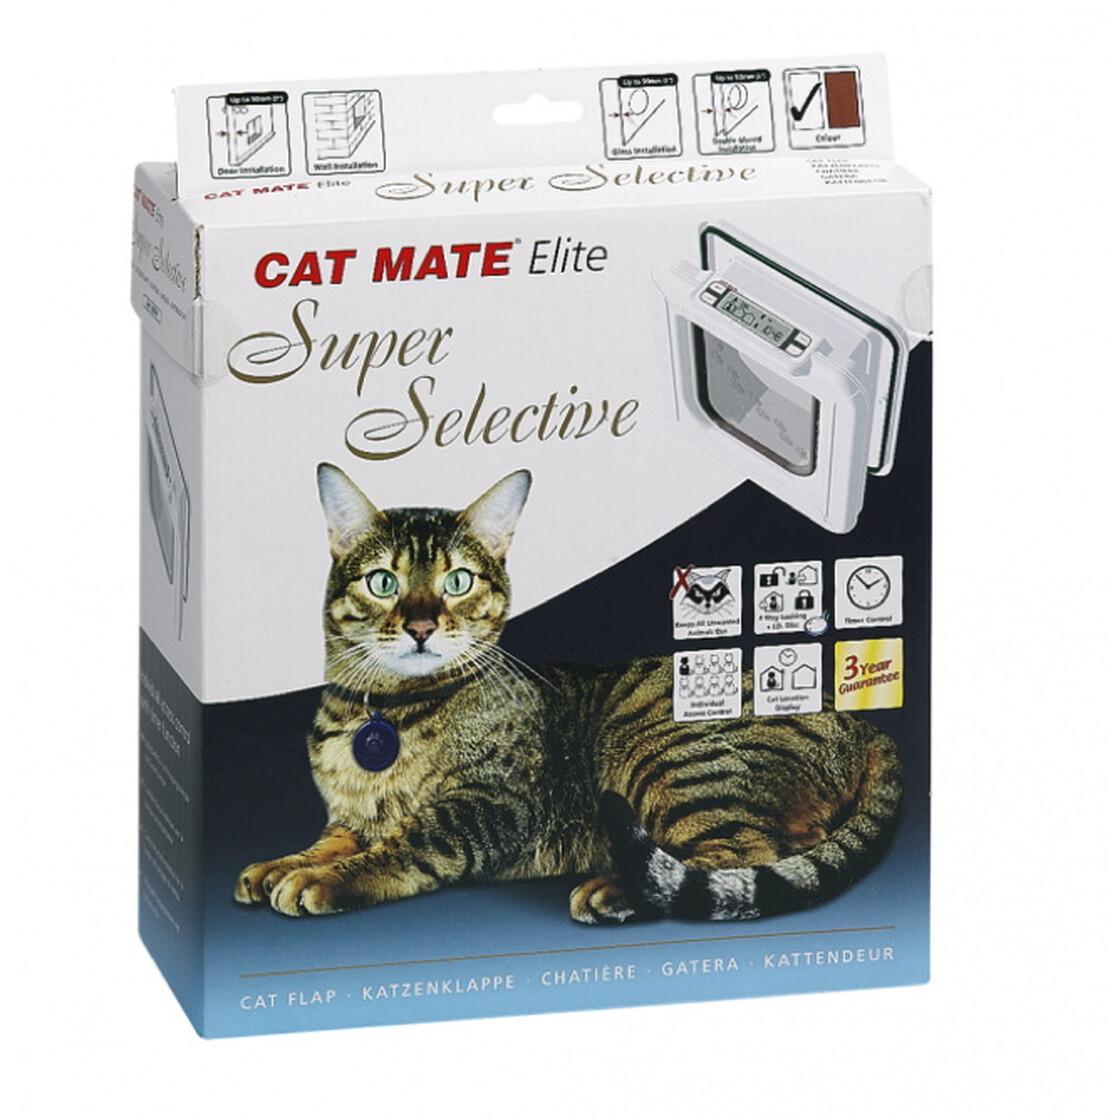 katzenklappe cat mate nr 305 elite super selective 99 90. Black Bedroom Furniture Sets. Home Design Ideas